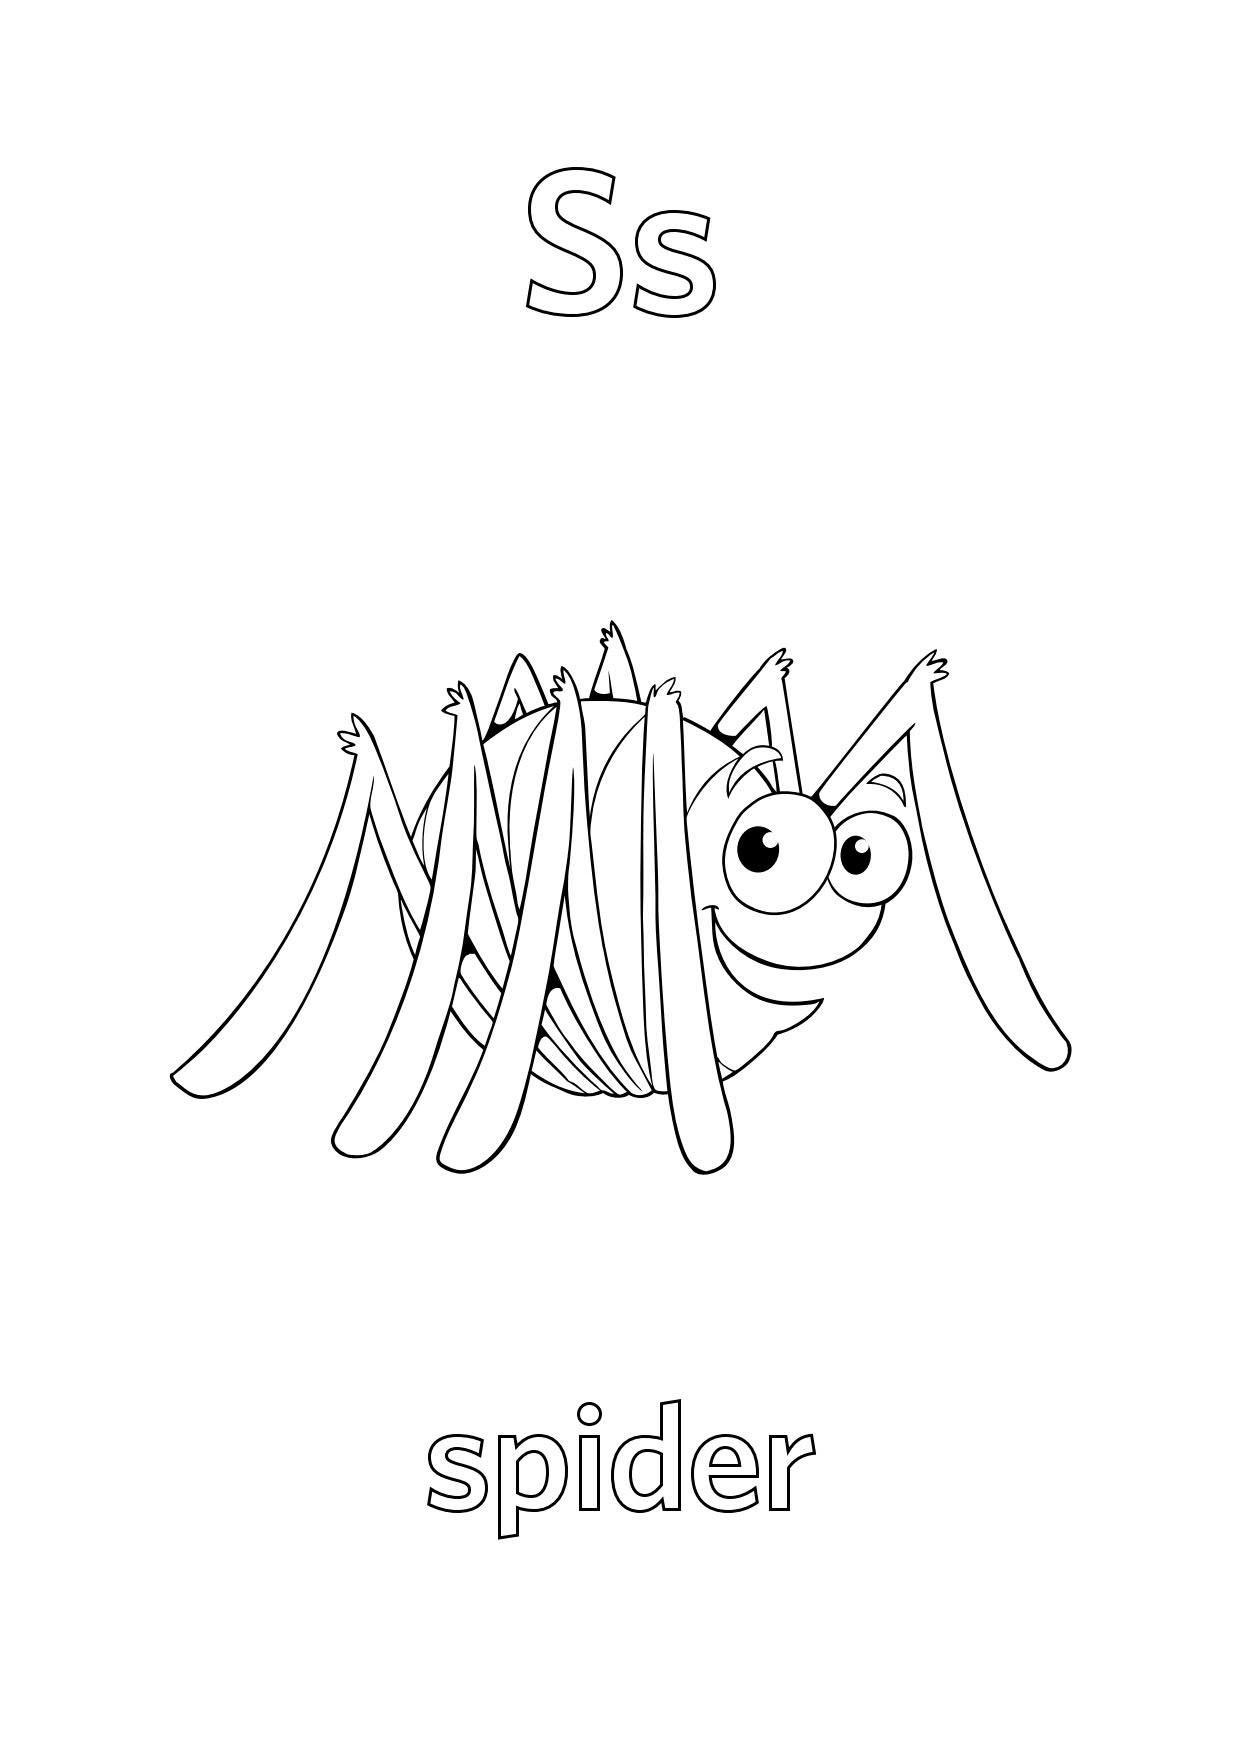 Tranh tô màu chữ S con nhện